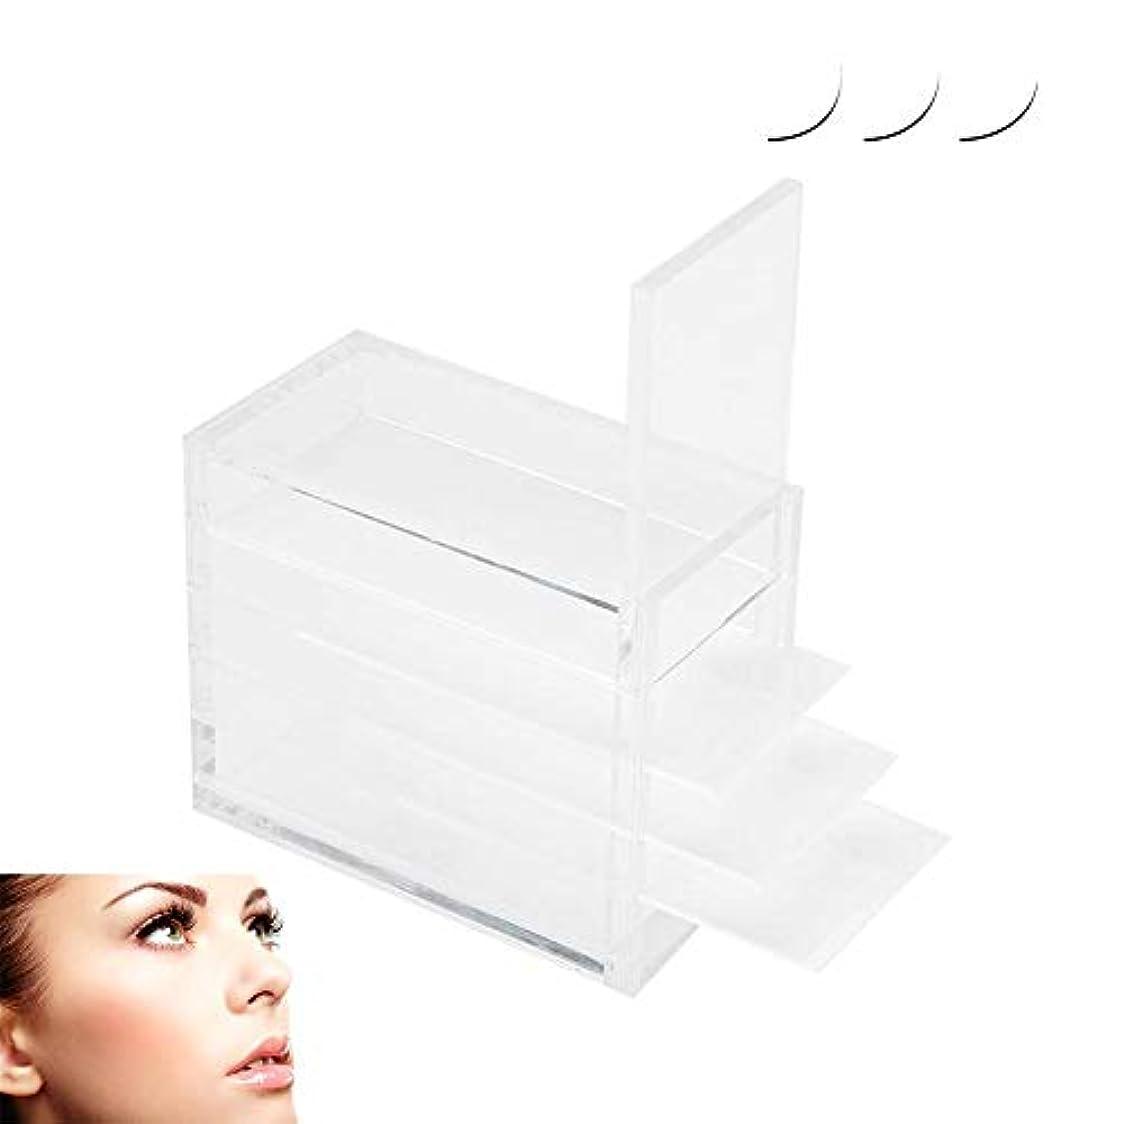 崩壊フォーラム殺しますZJchao プラスチックまつげの収納ボックス、5層の化粧オーガナイザー移植まつげ接着剤パレットホルダー